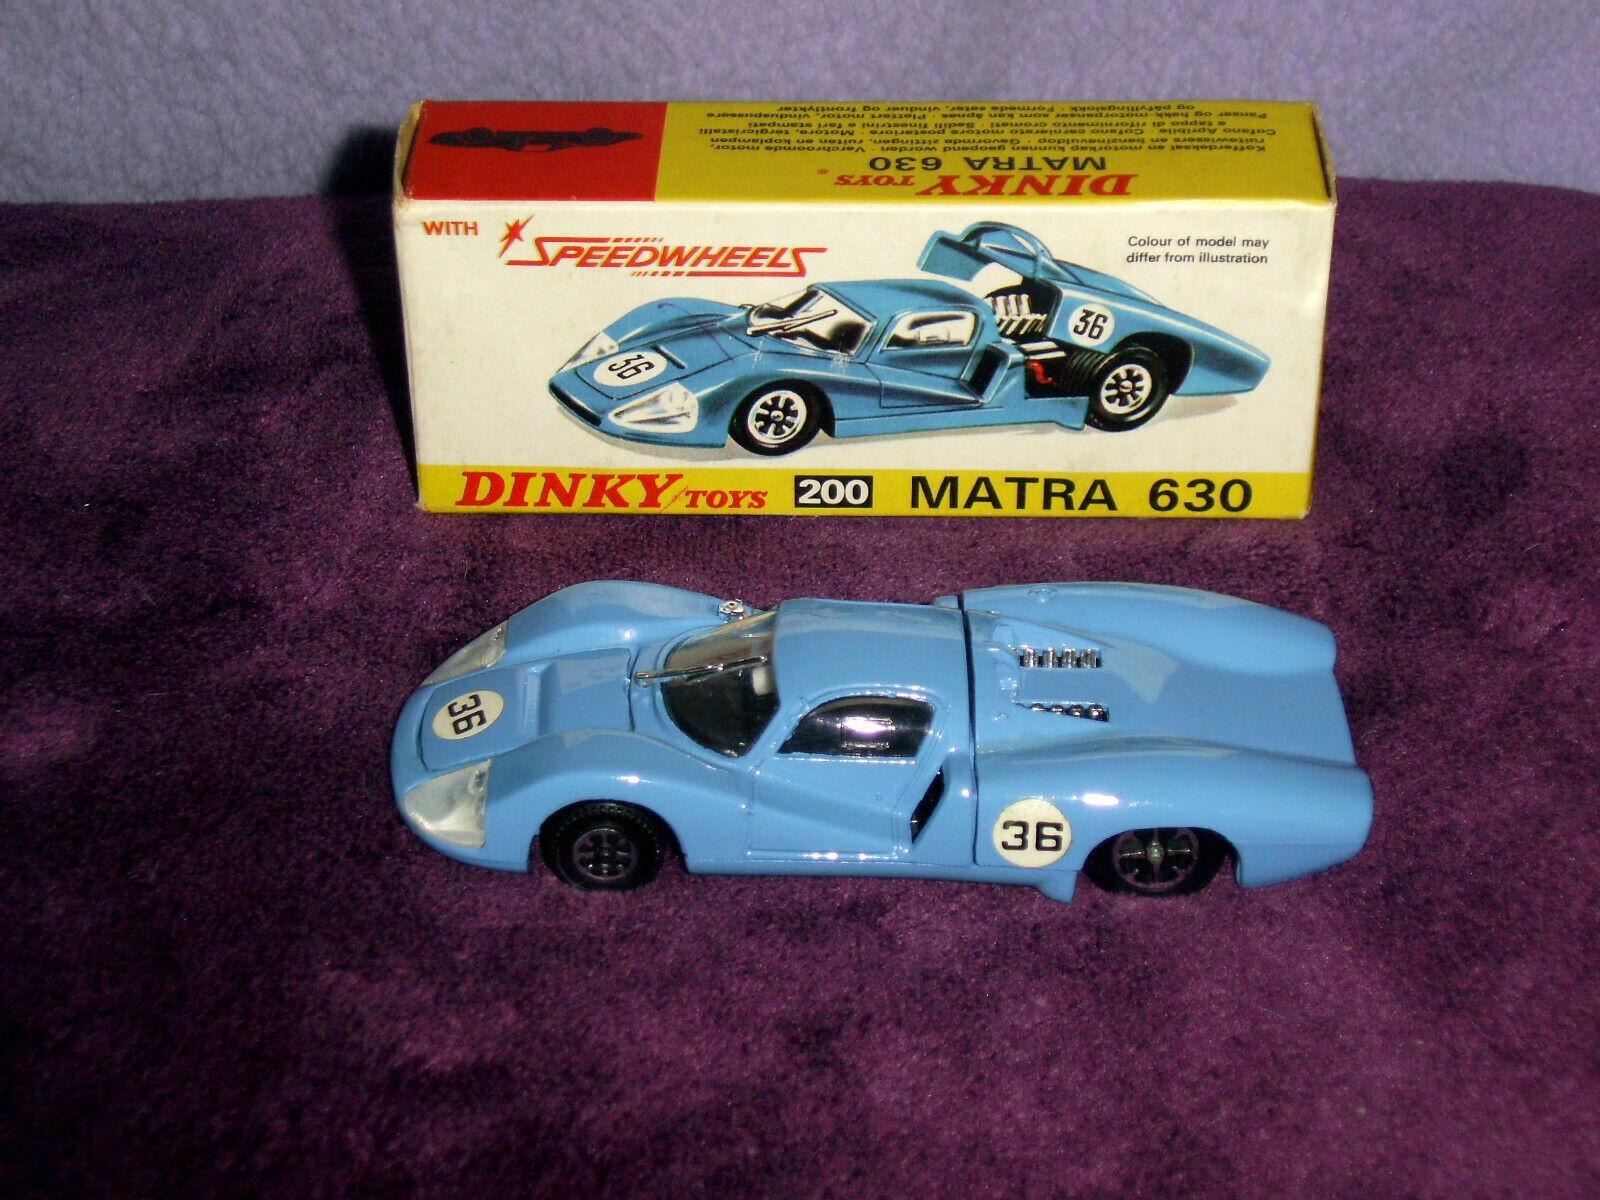 DINKY 200 MATRA 630 Le Mans in condizione superba con scatola originale.